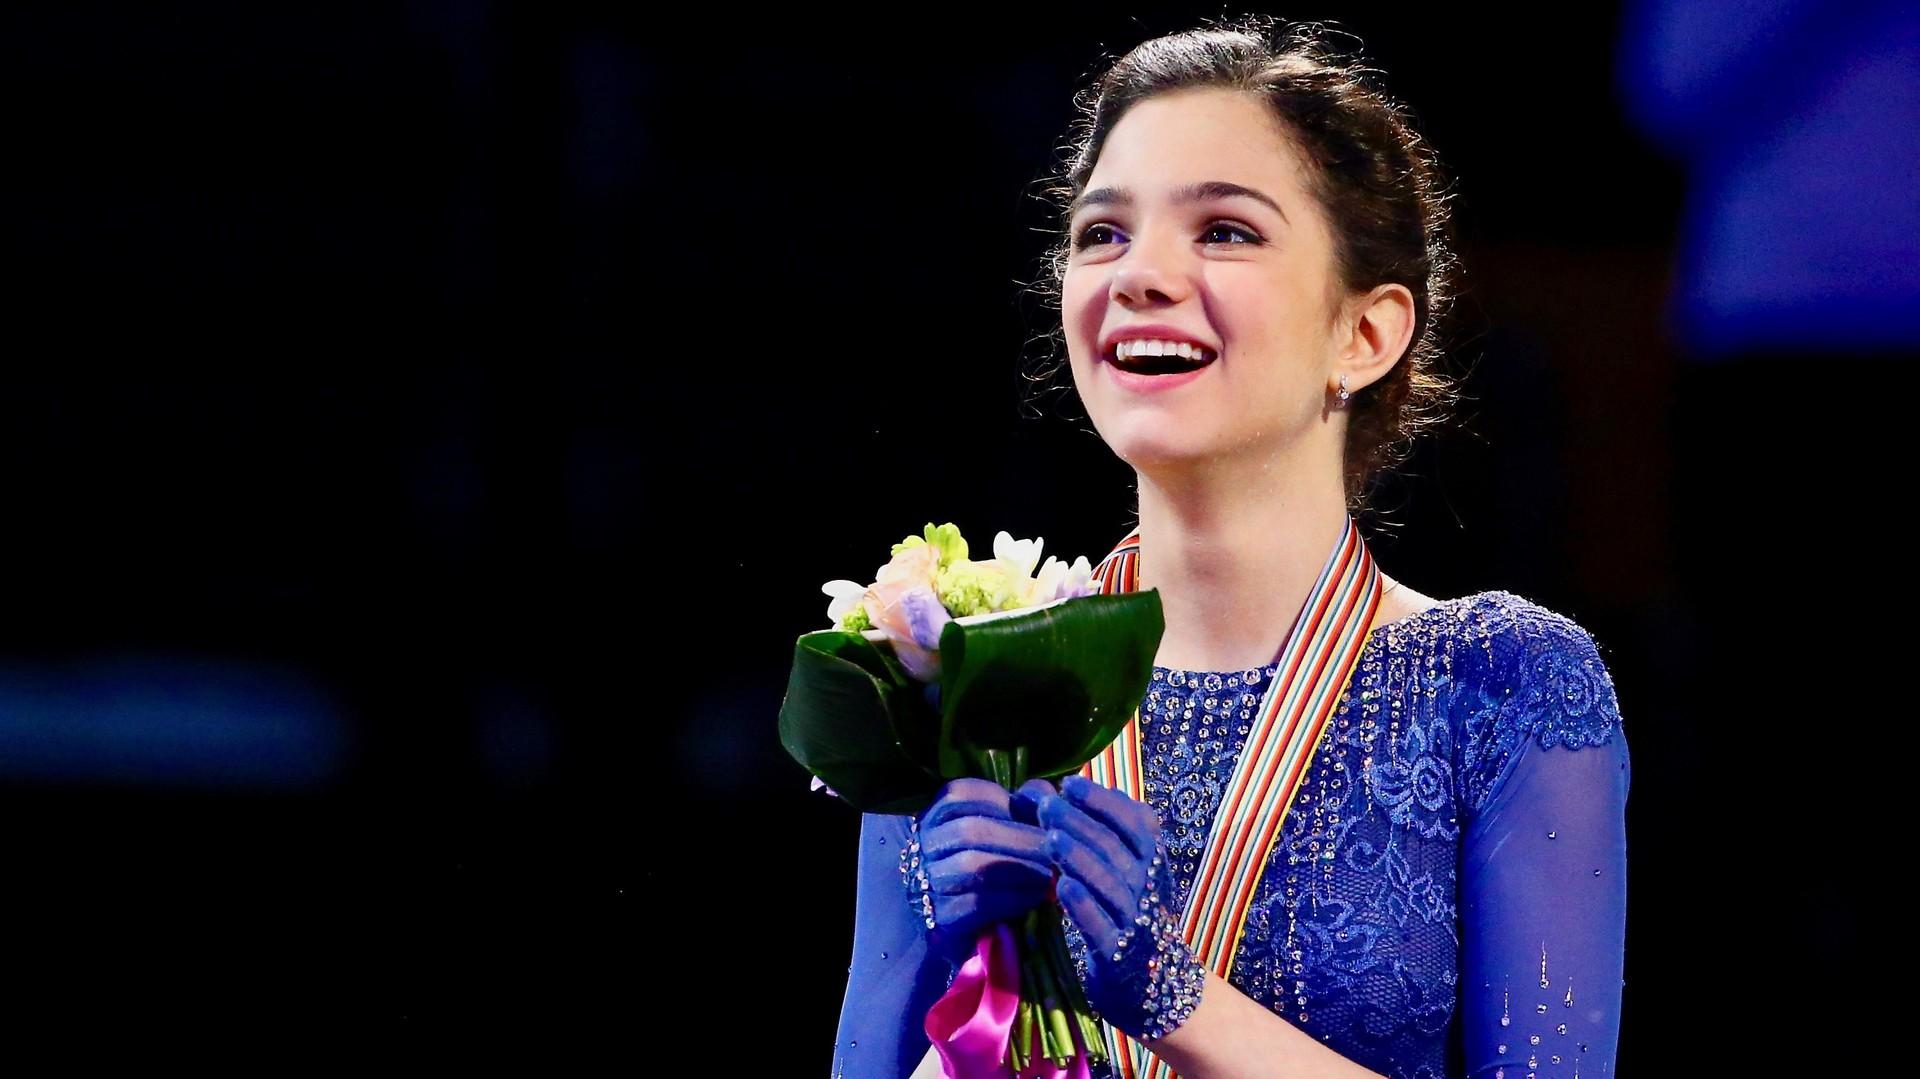 Юная королева льда: Евгения Медведева и другие спортсменки года по версии RT